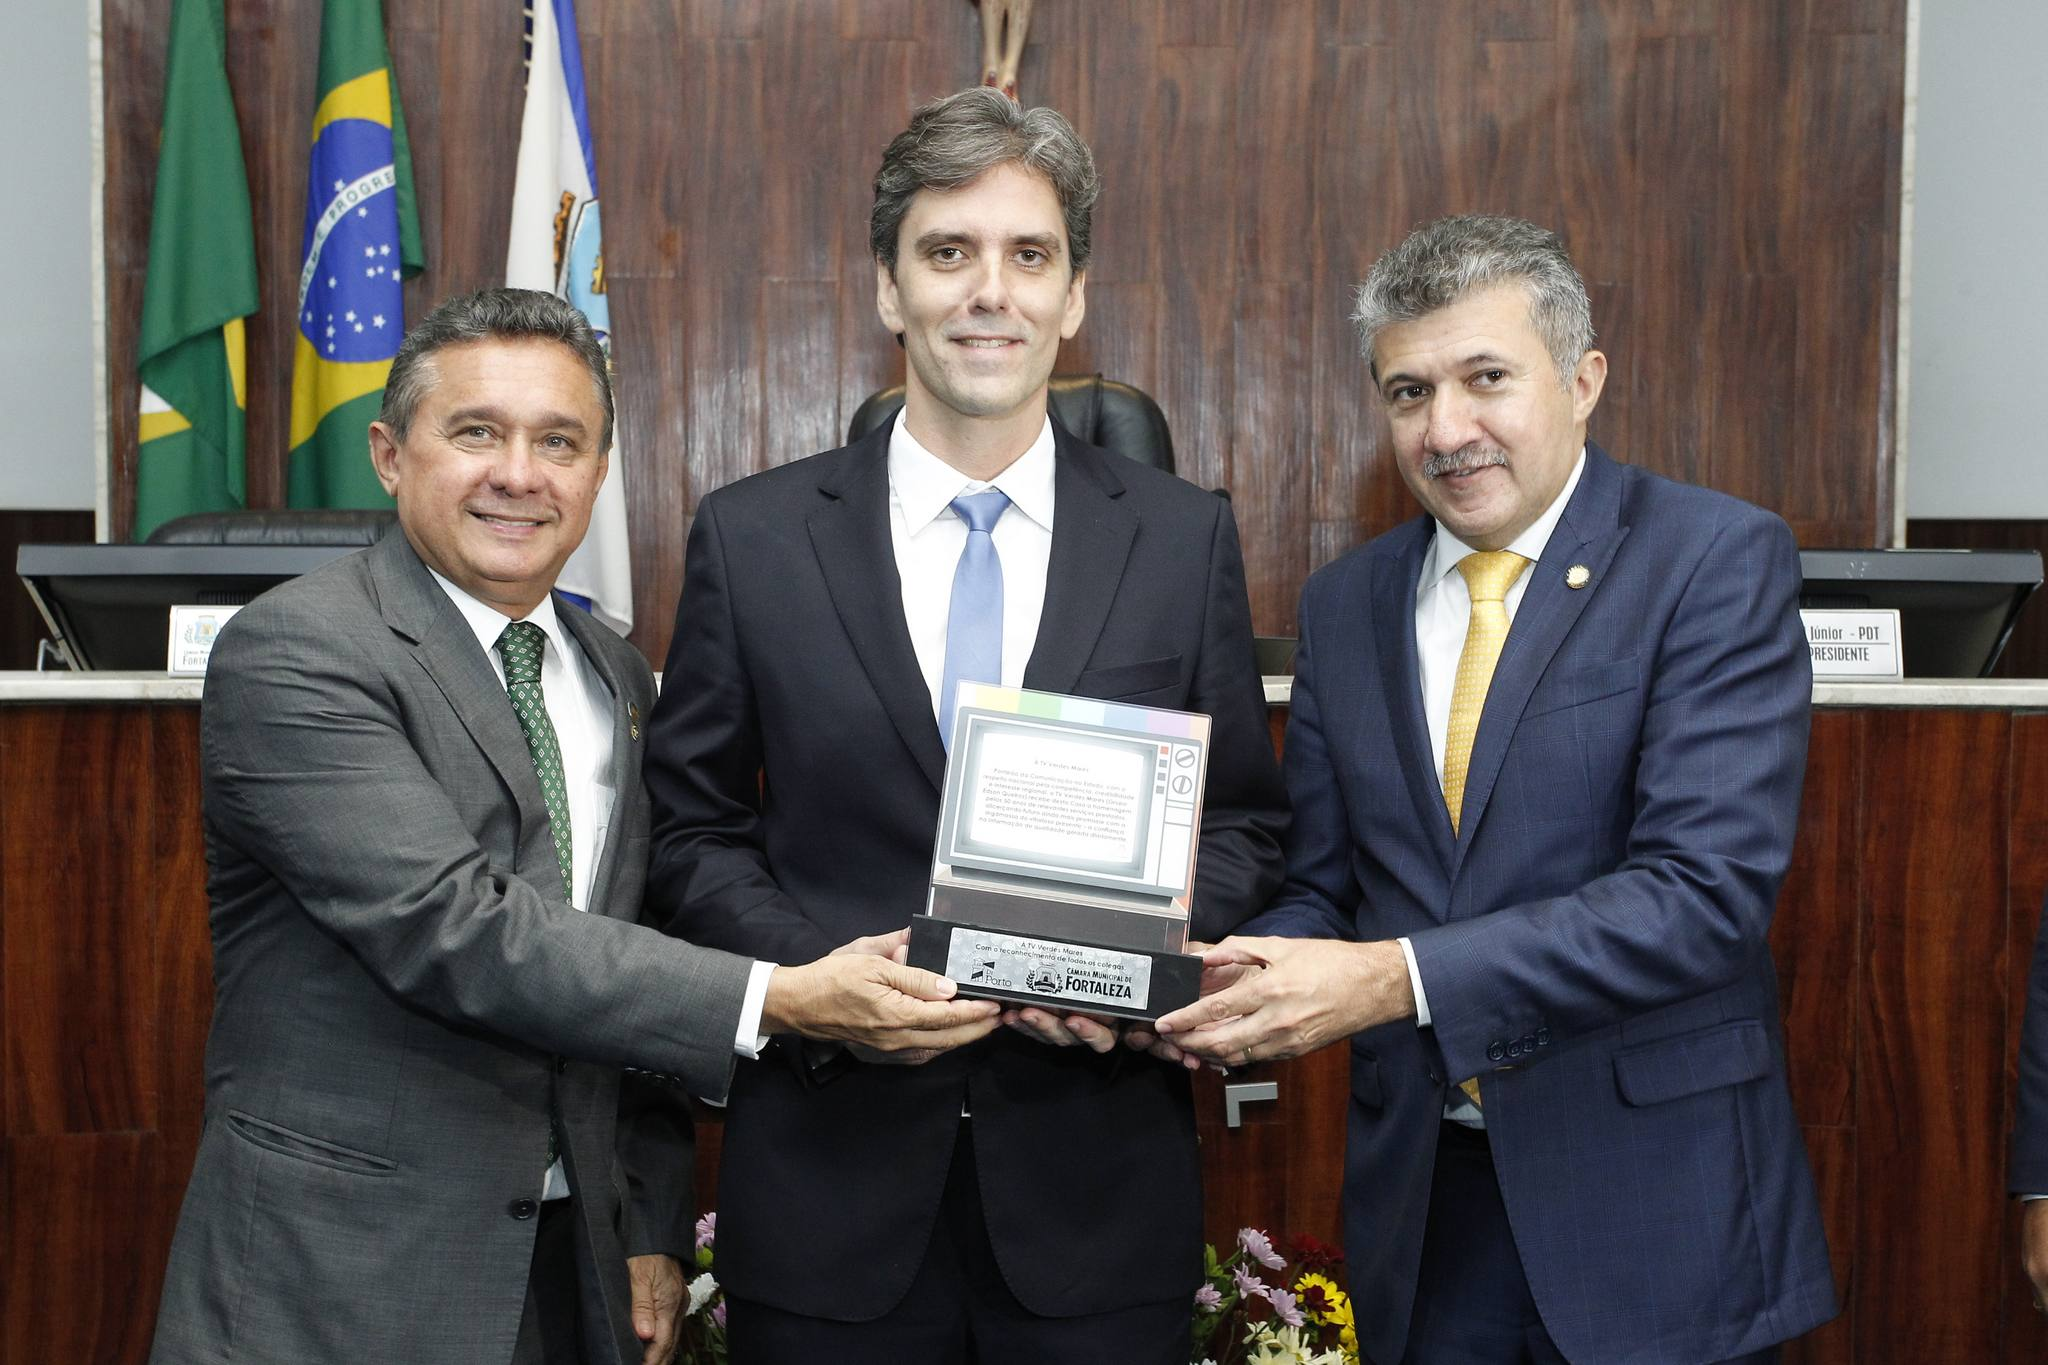 Sessão solene na Câmara Municipal de Fortaleza marca os 50 anos da TV Verdes Mares